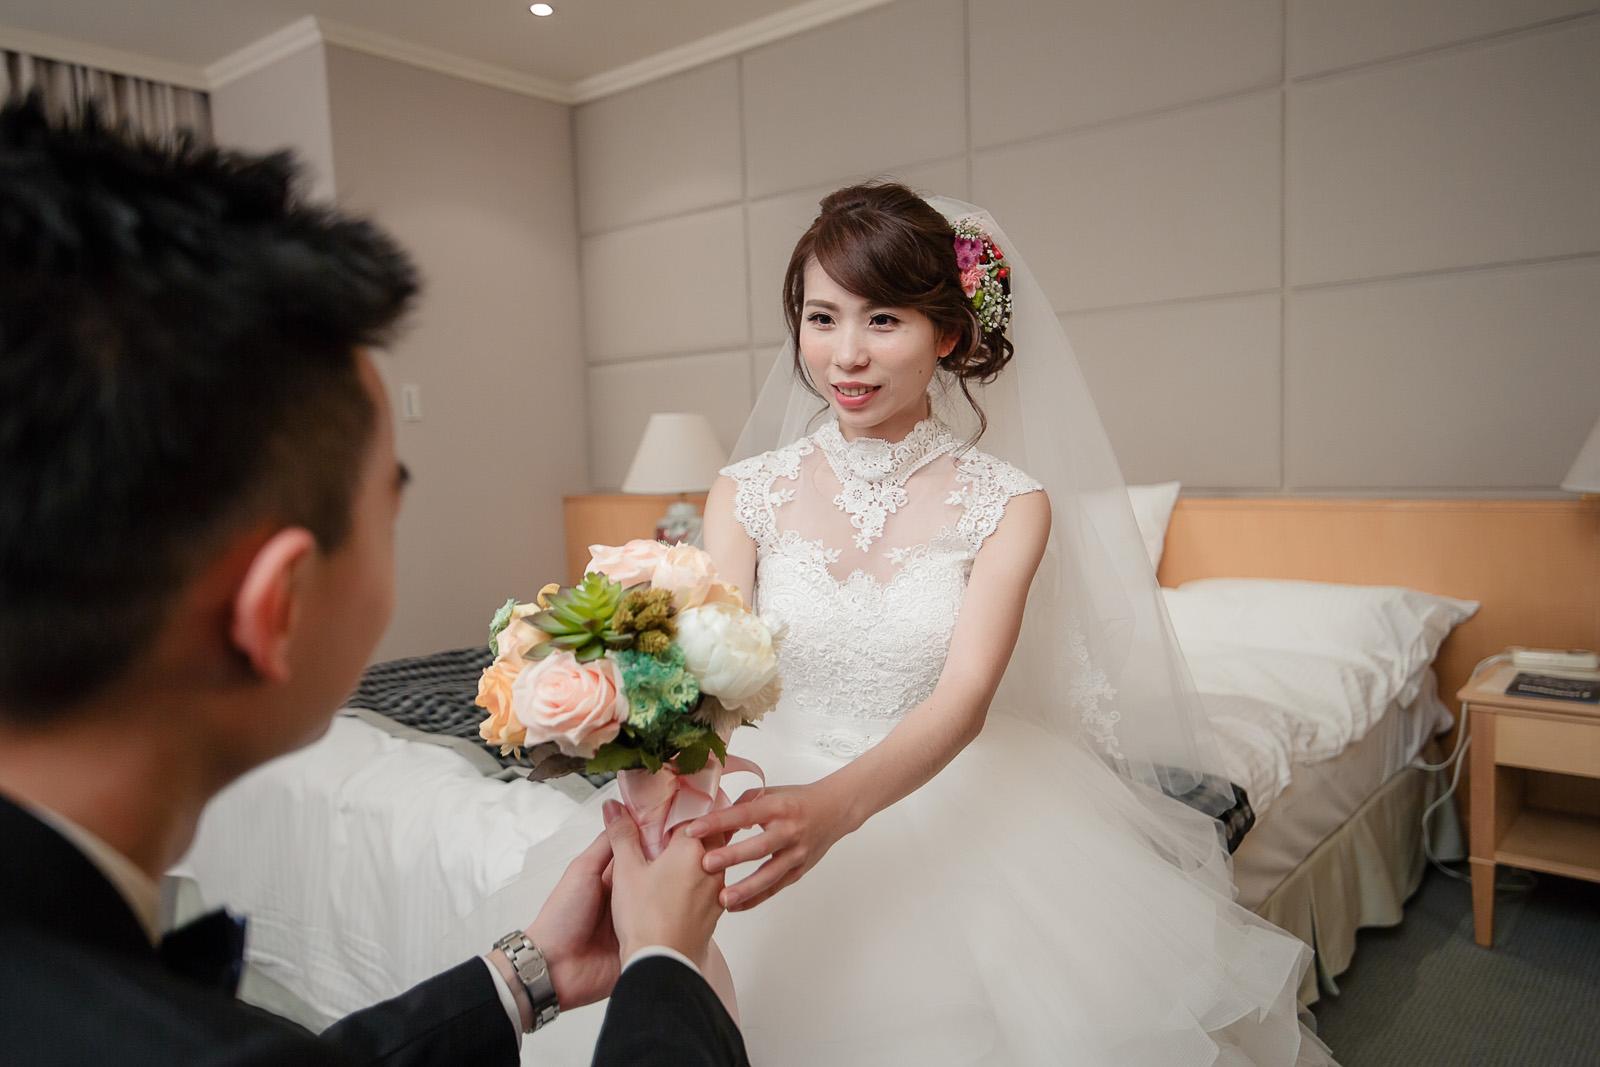 高雄圓山飯店,婚禮攝影,婚攝,高雄婚攝,優質婚攝推薦,Jen&Ethan-131